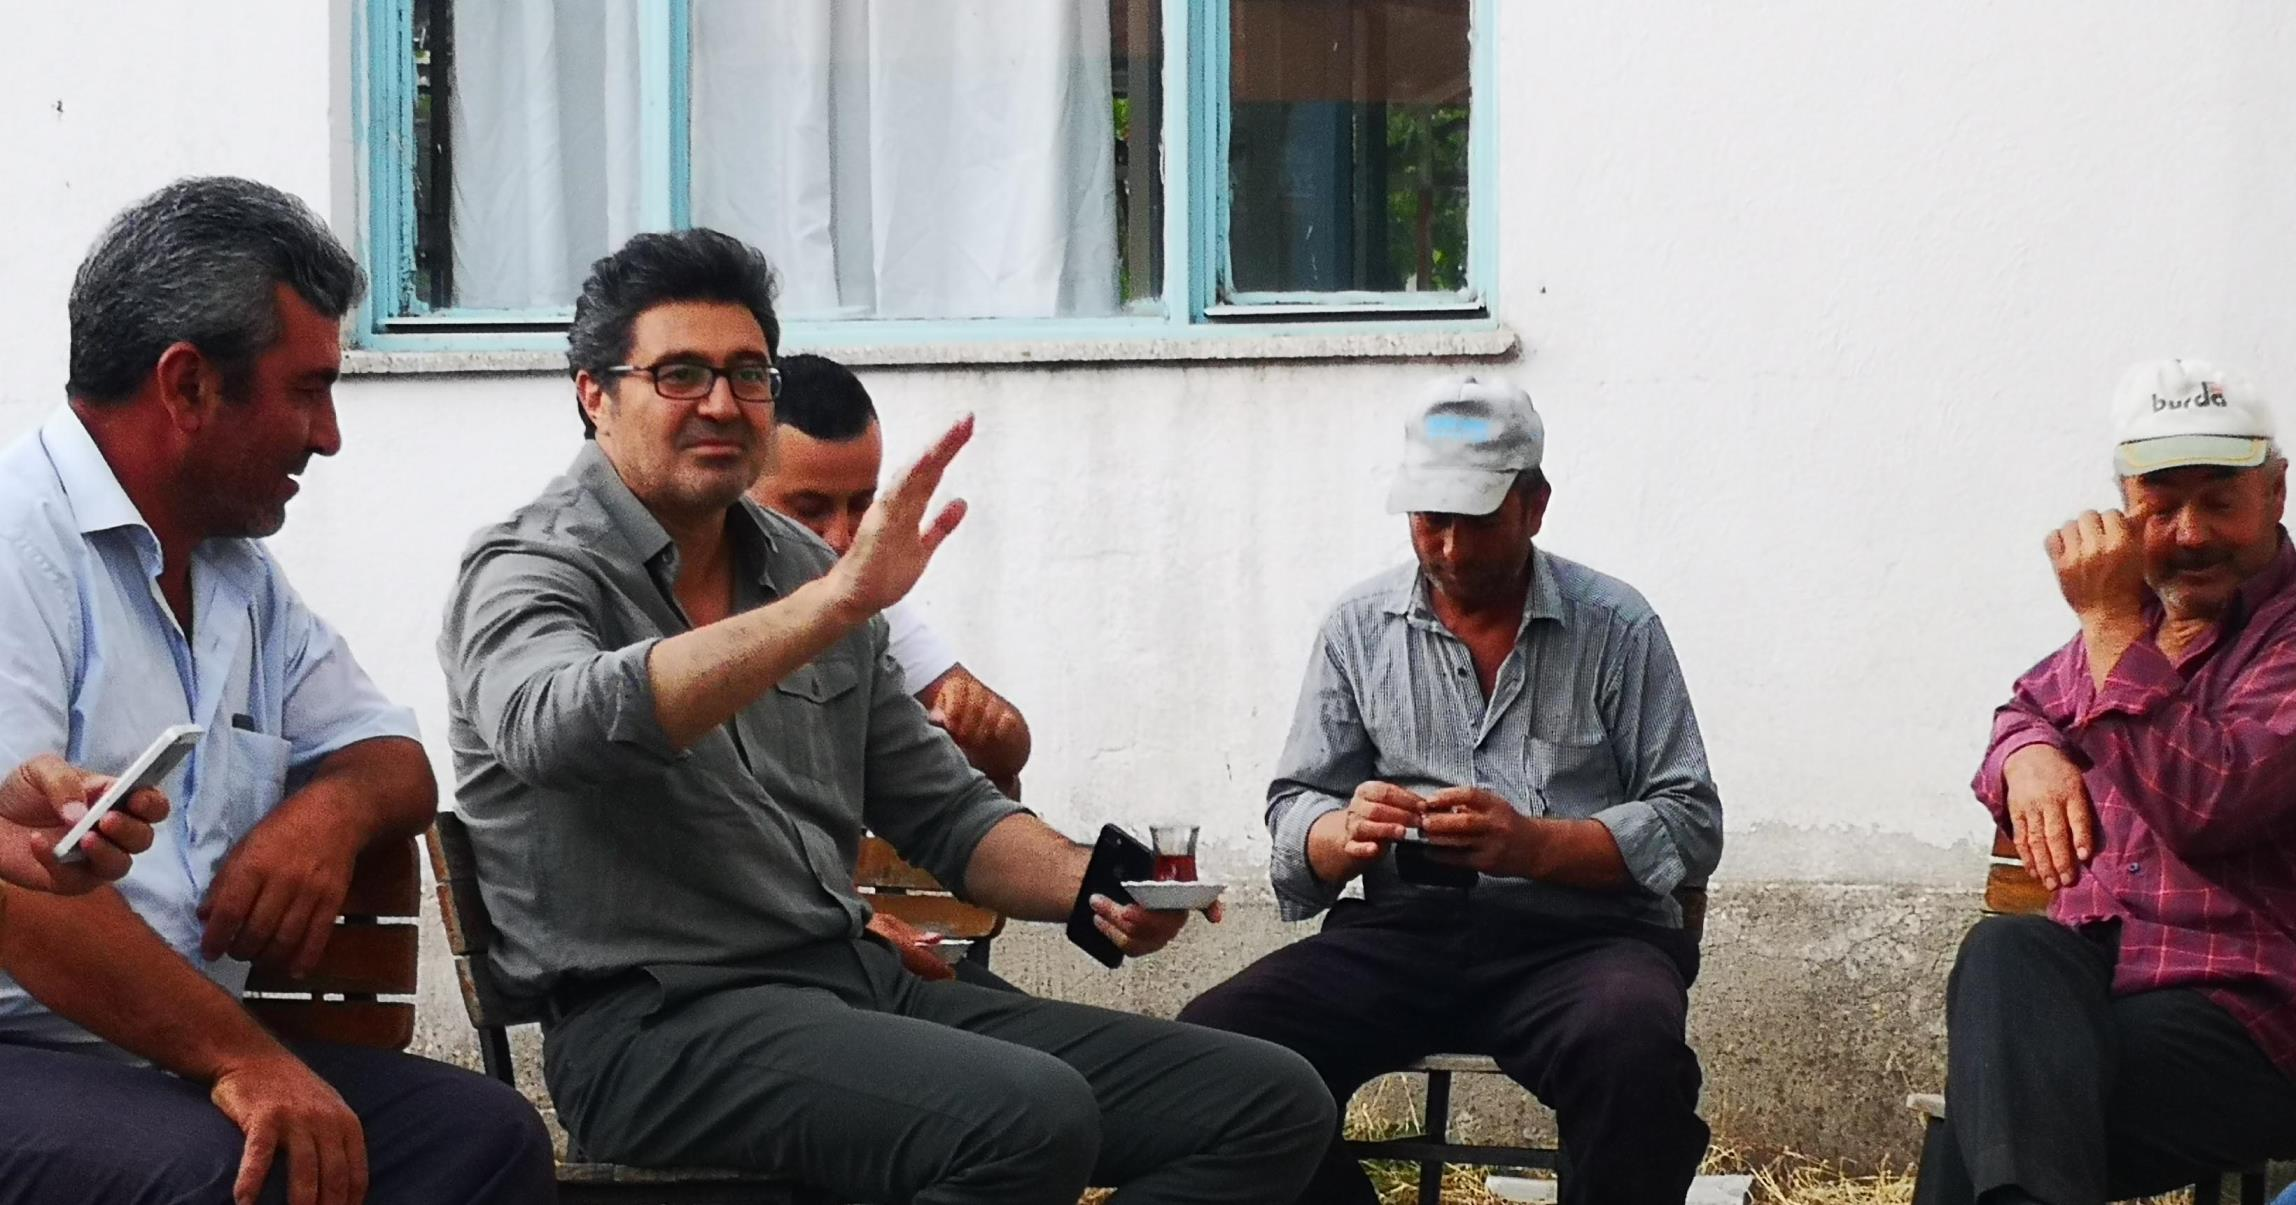 'BUNU CHP'Lİ BİR BELEDİYE YAPSA KIYAMETİ KOPARIRLARDI'